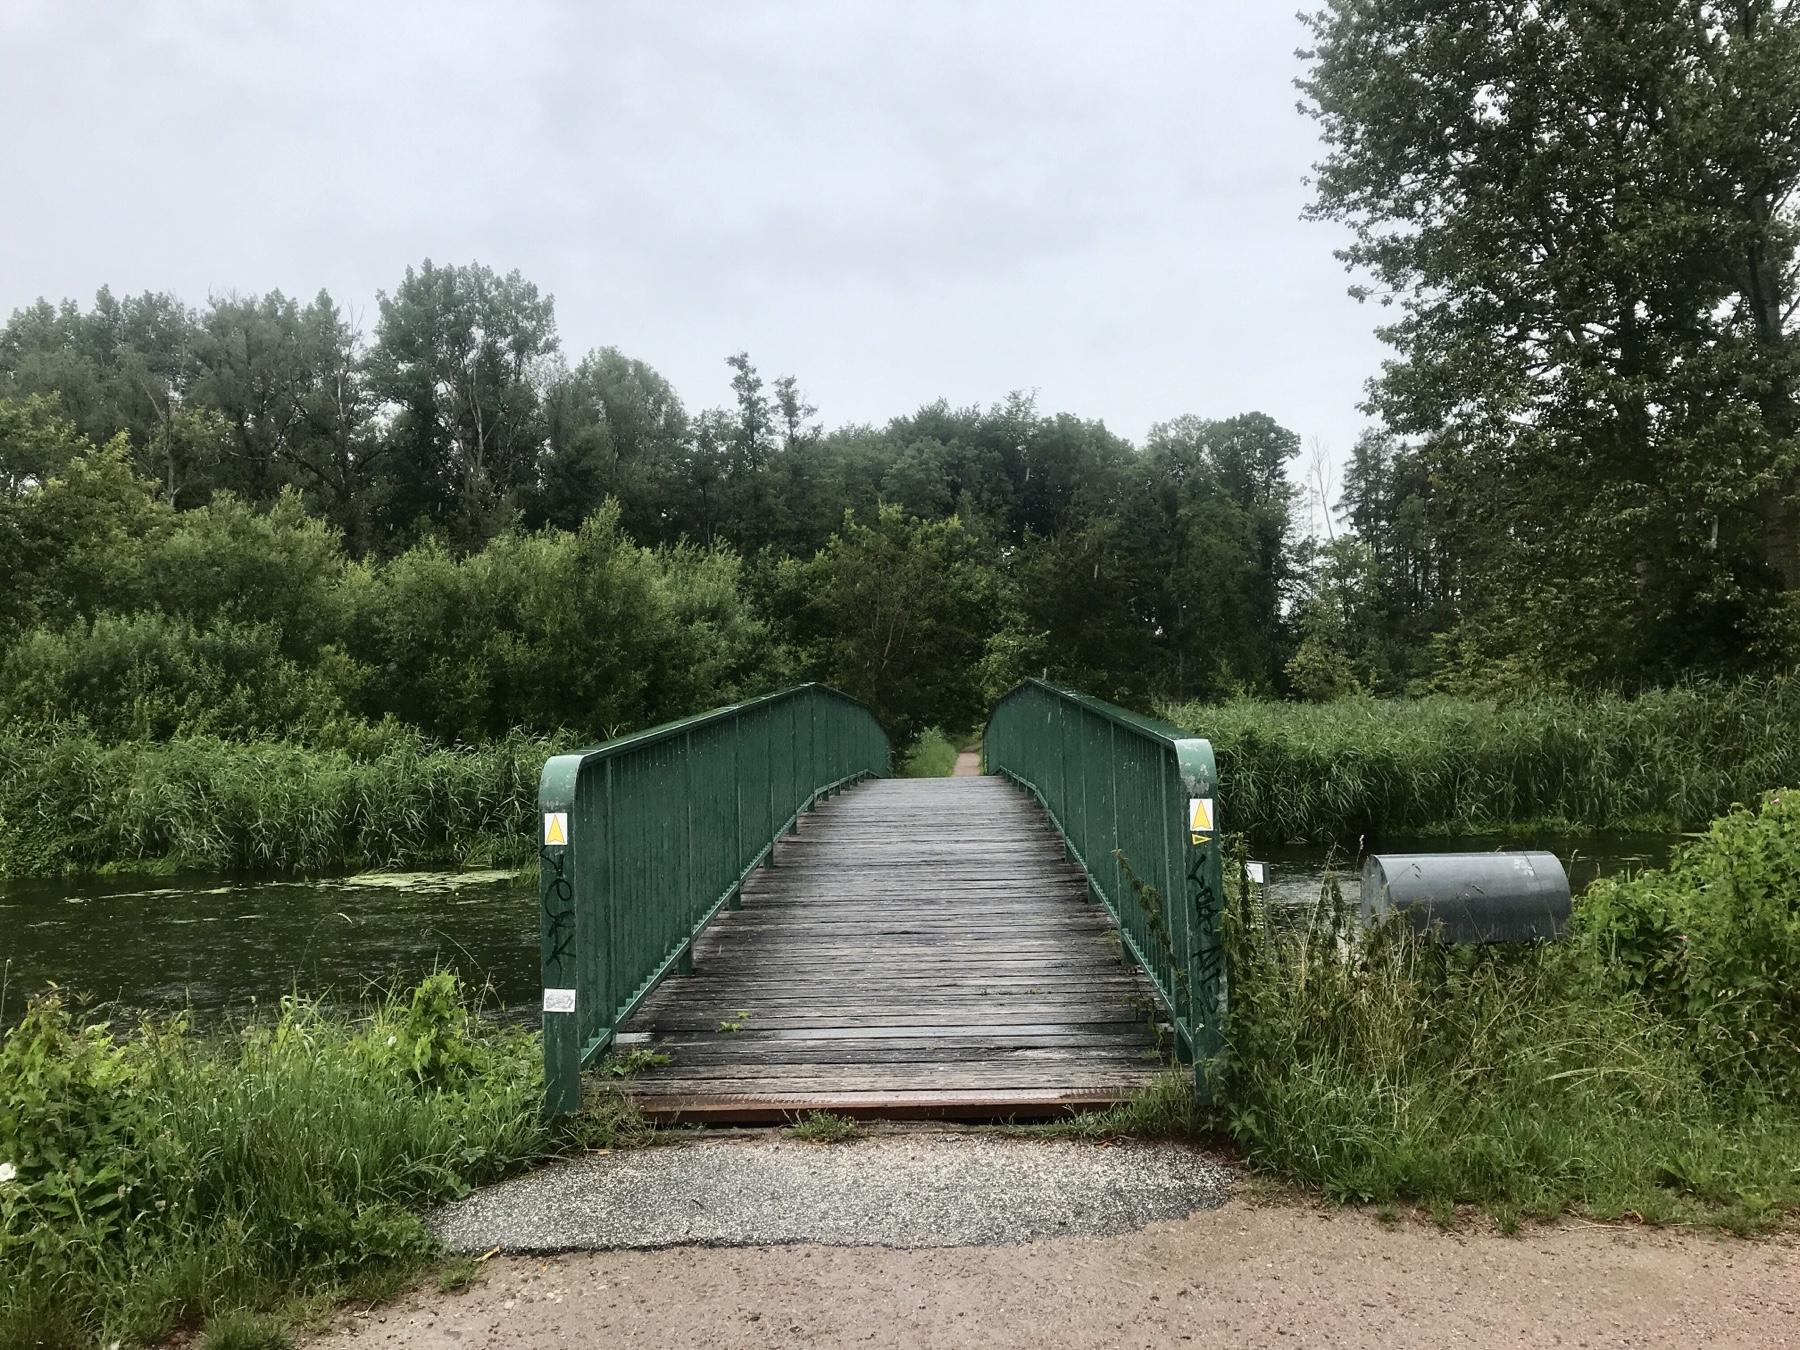 Brücke über die Trave nach Altfresenburg, Stormarnweg Etappe 5 nach Reinfeld